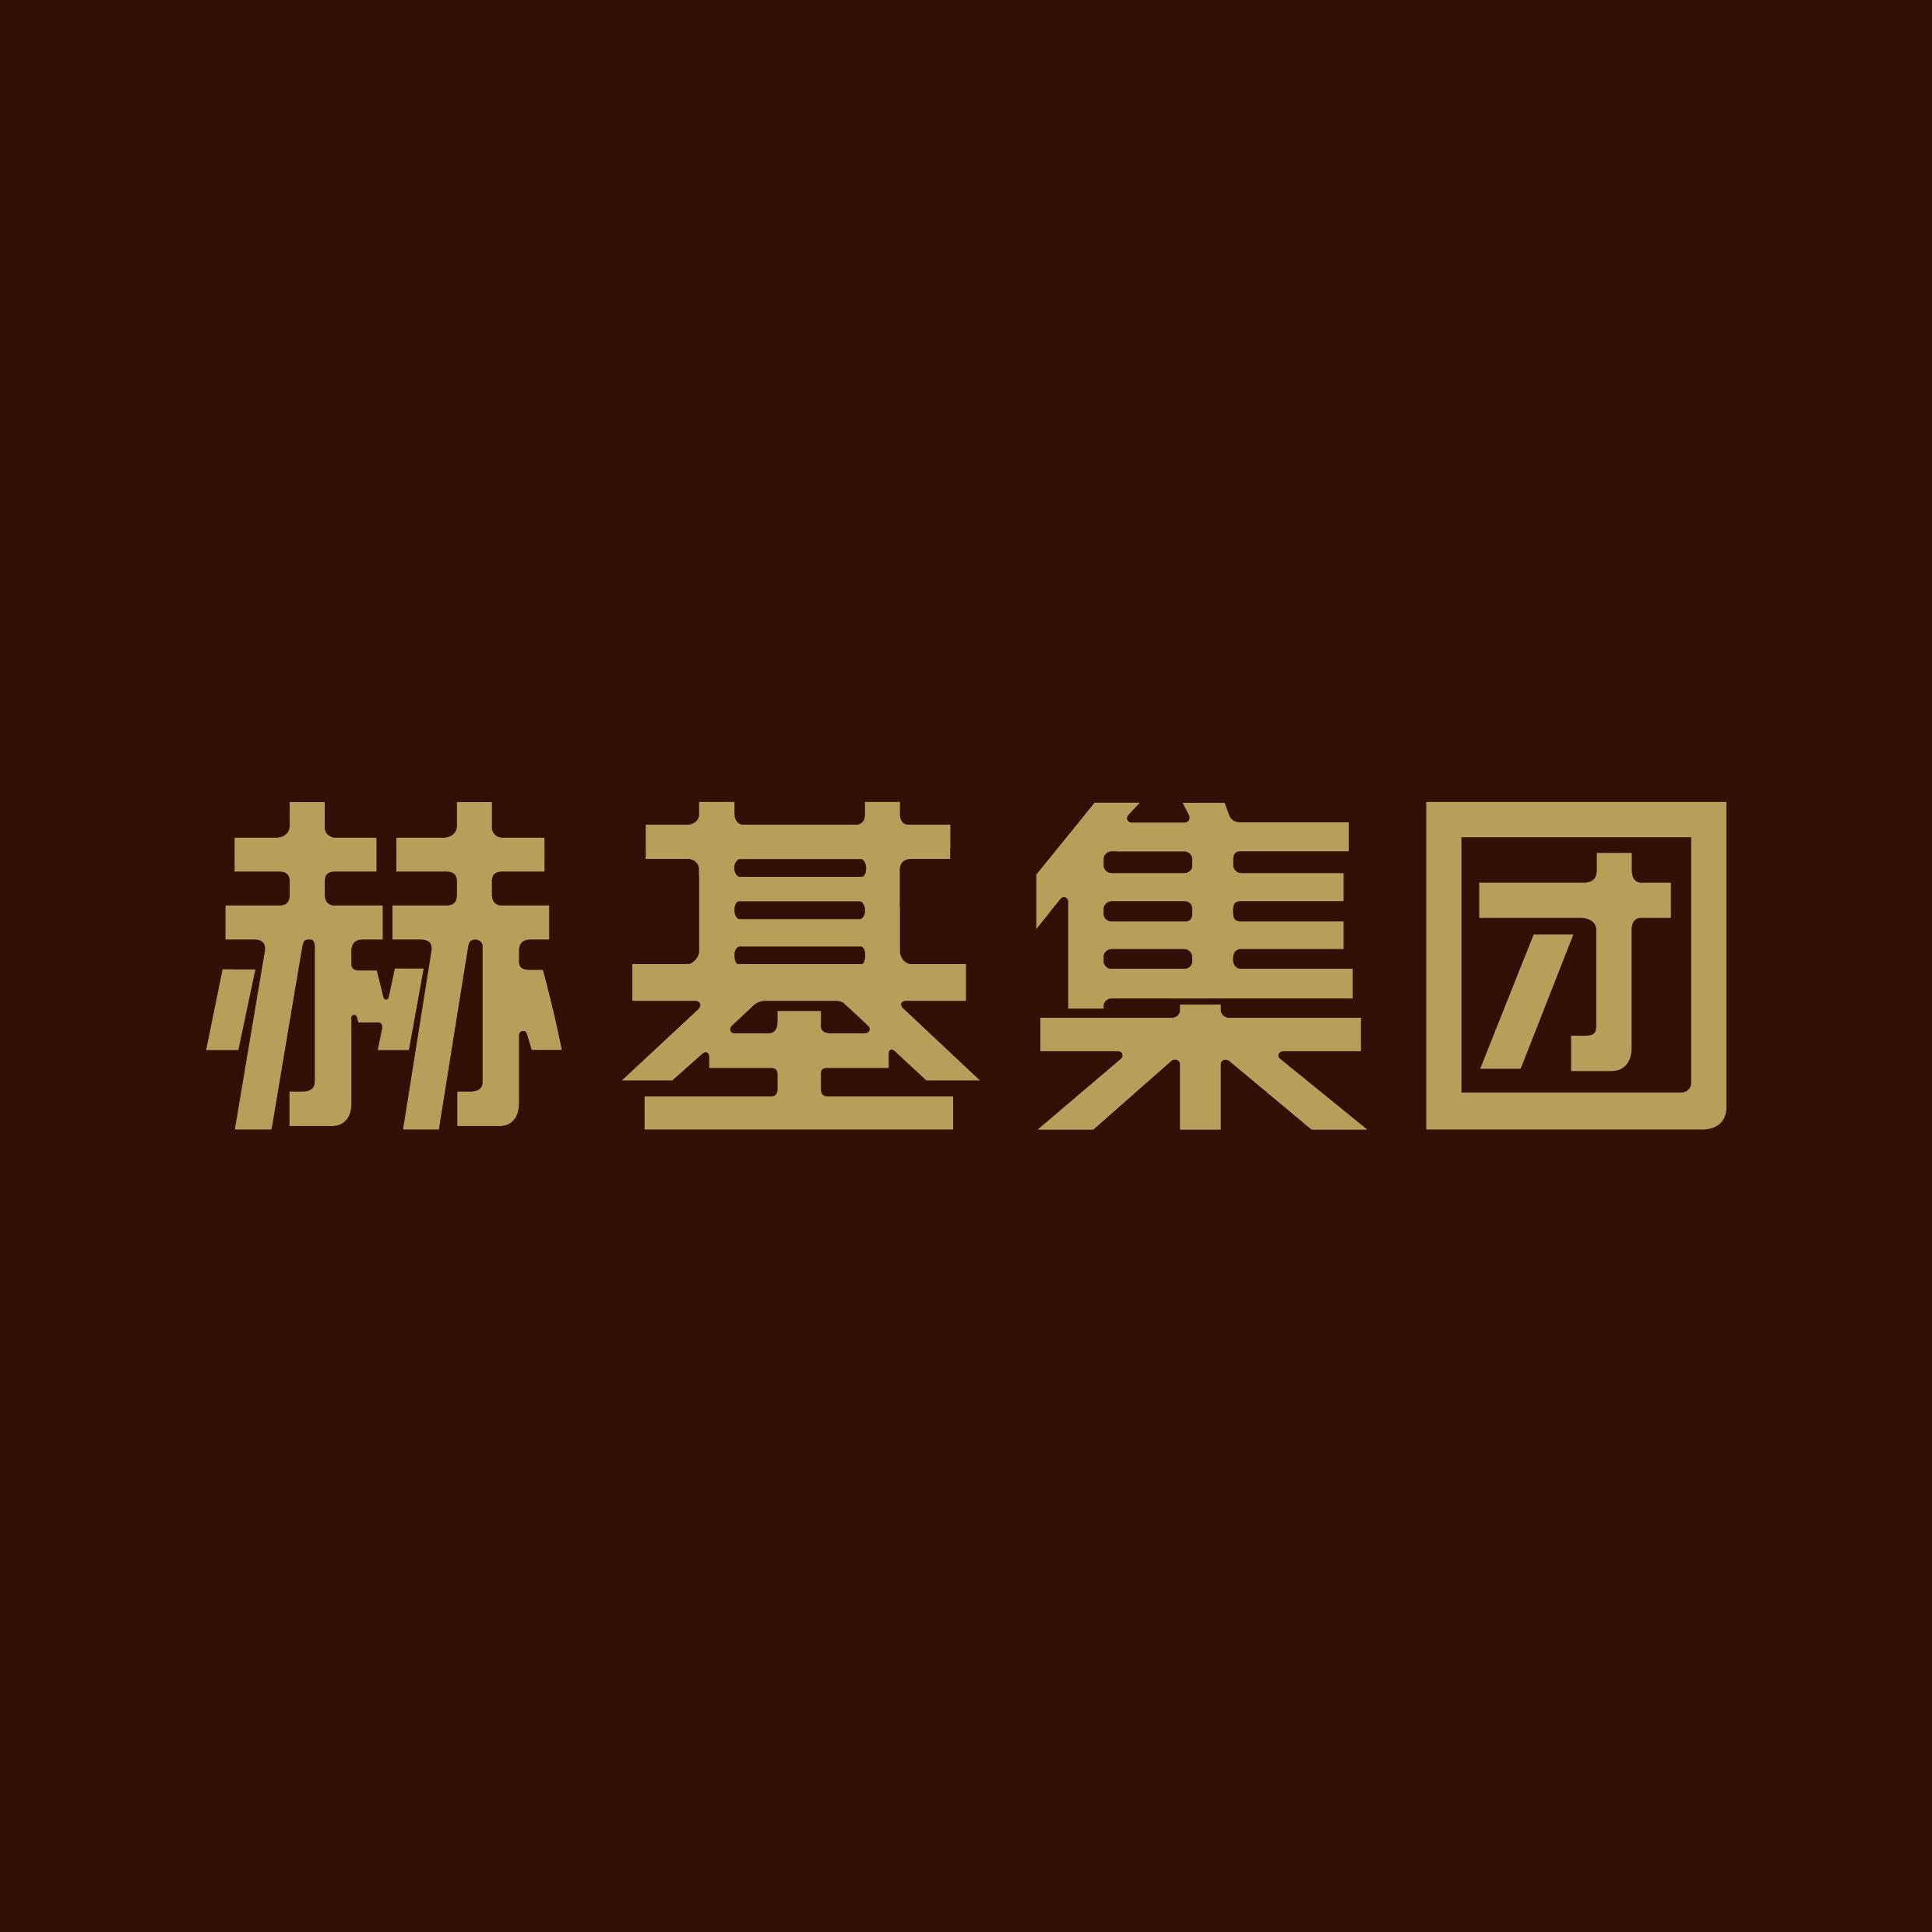 赫基(中国)集团股份有限公司